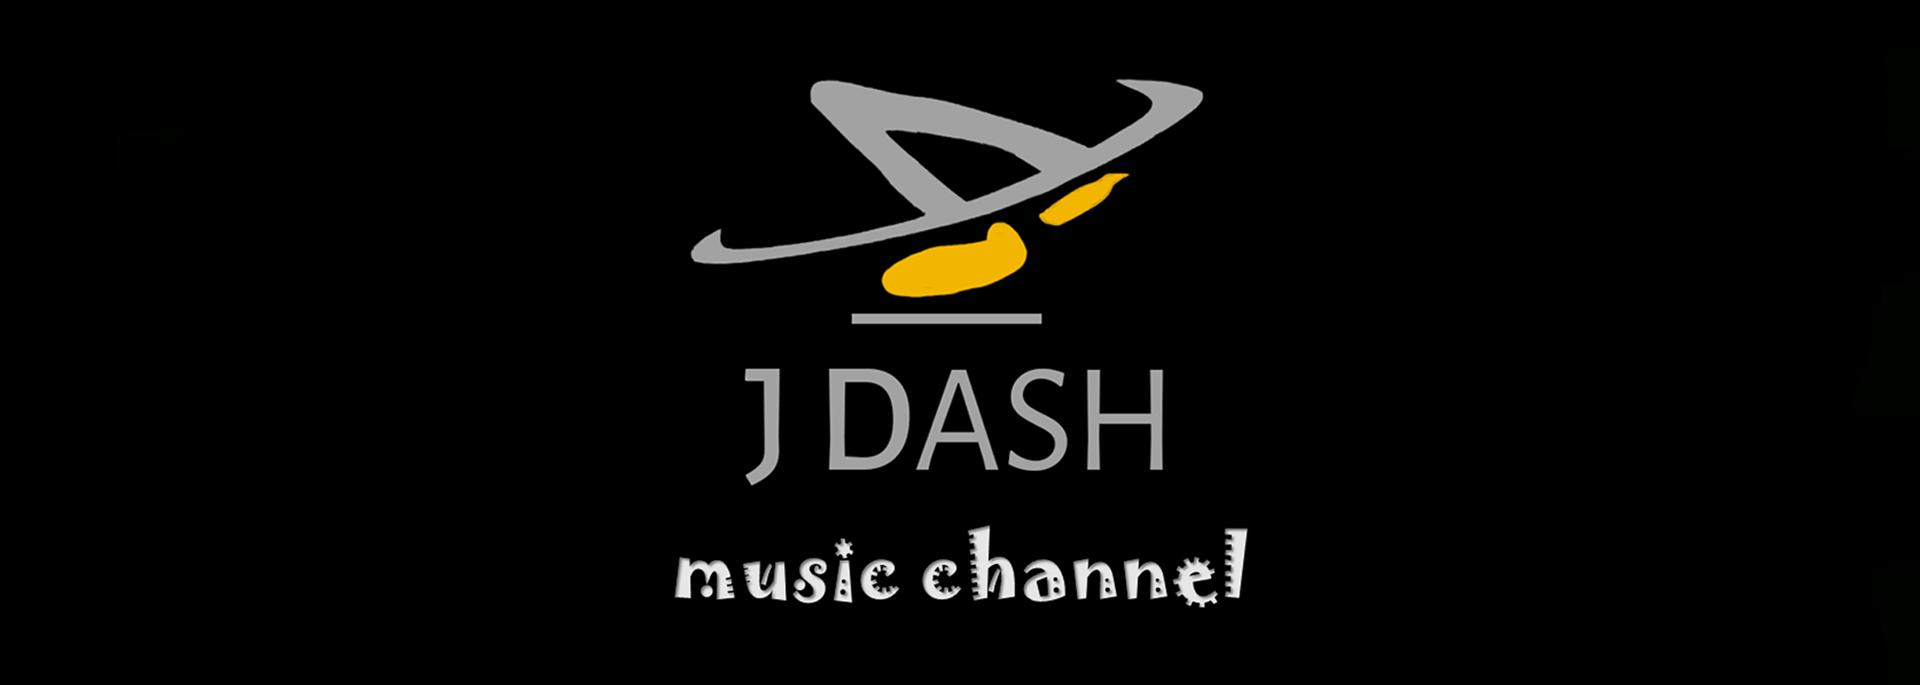 J Dash Music channel